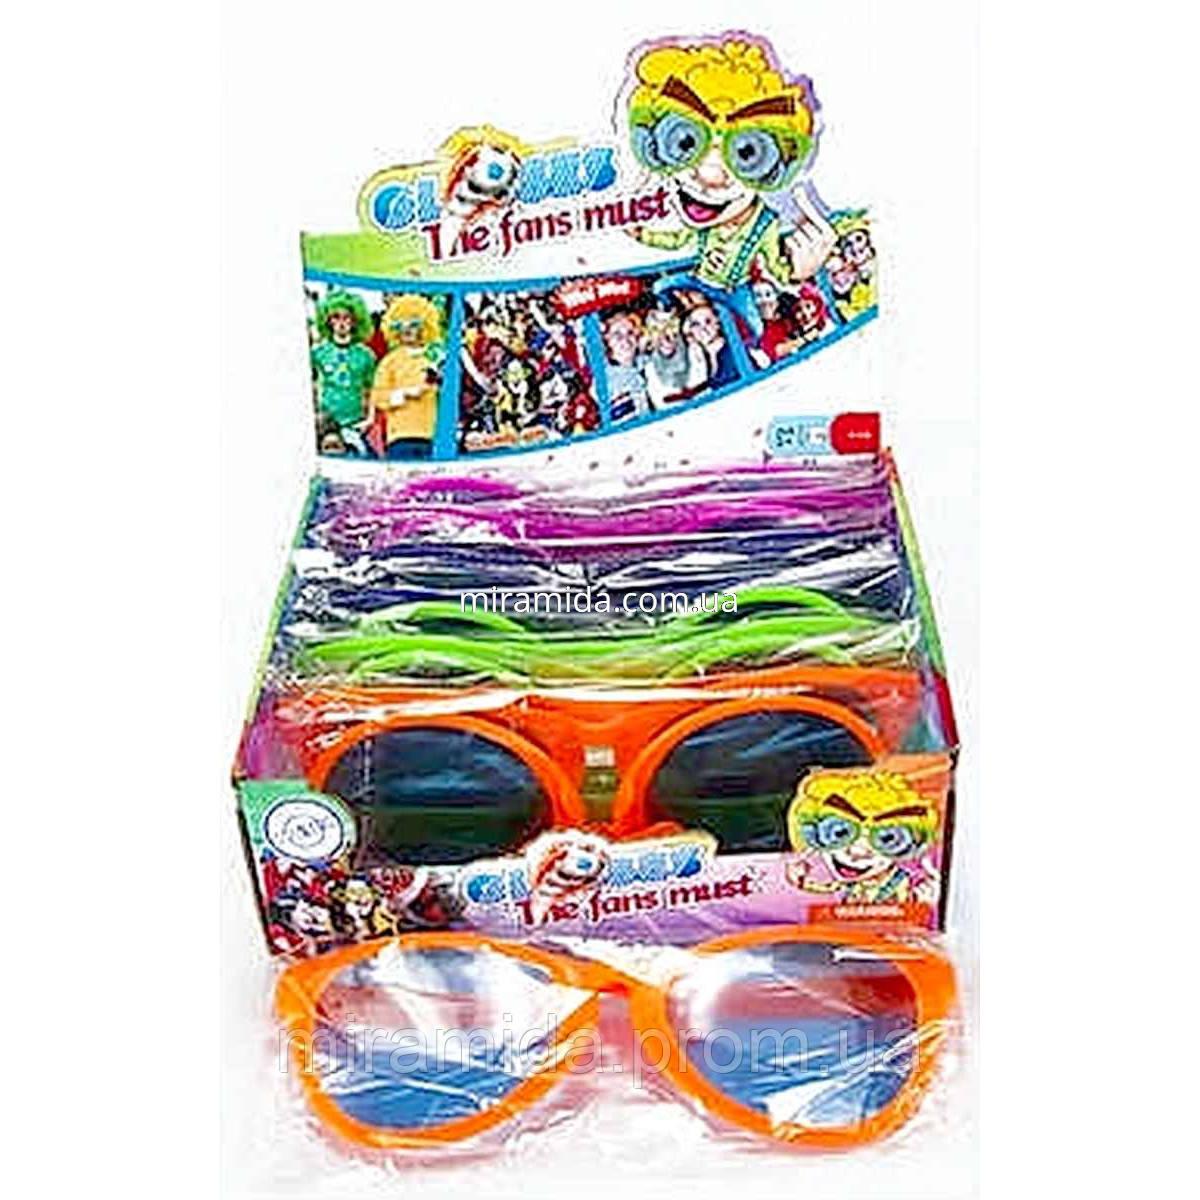 Солнцезащитные детские очки - Интернет-магазин Мирамида в Днепре